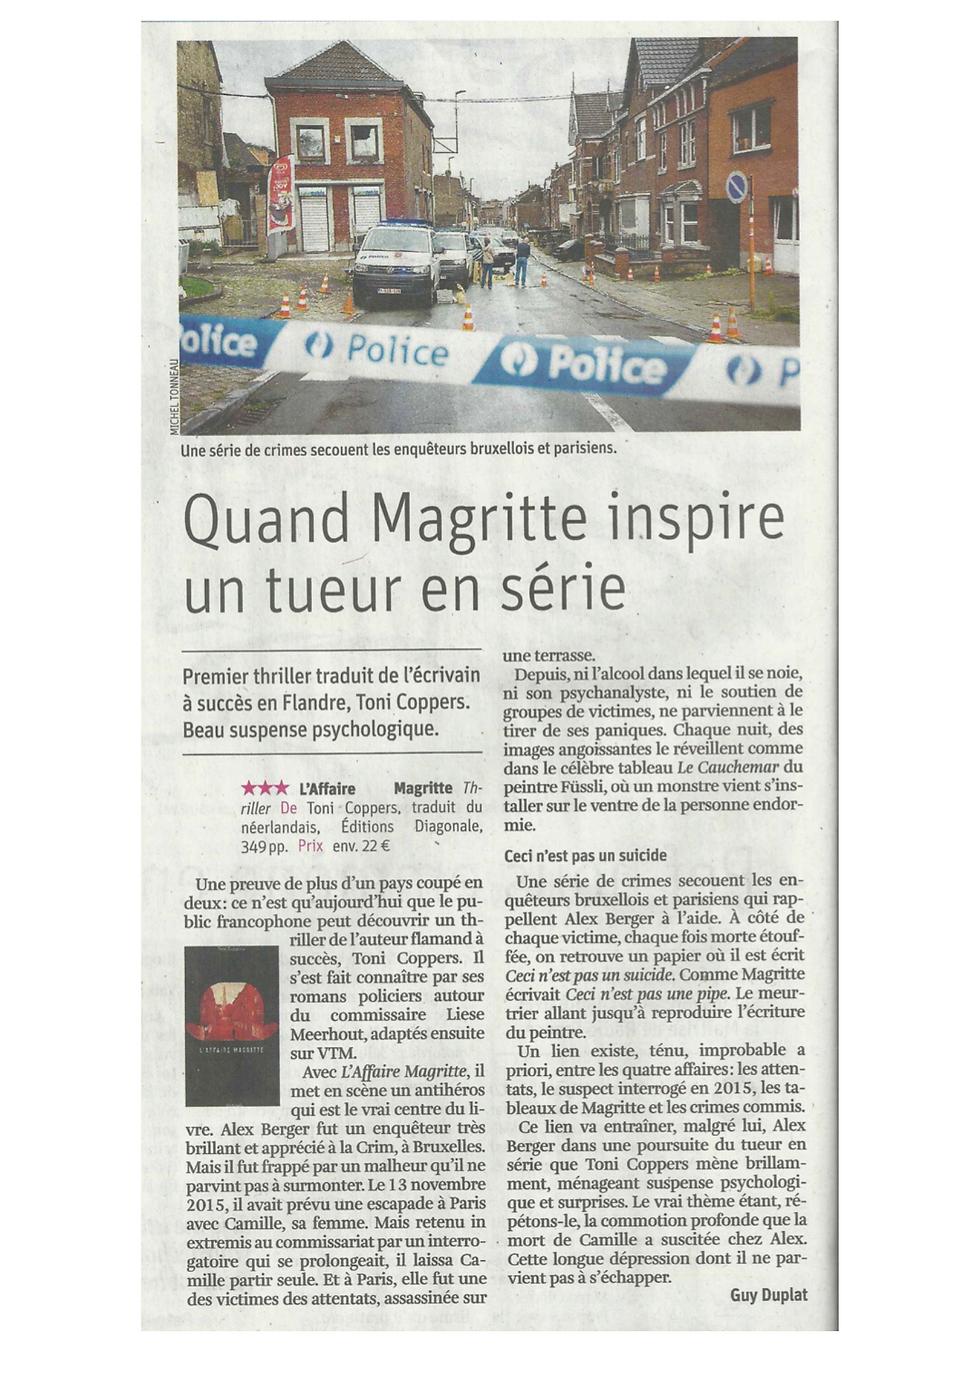 La Libre L'Affaire Magritte.png